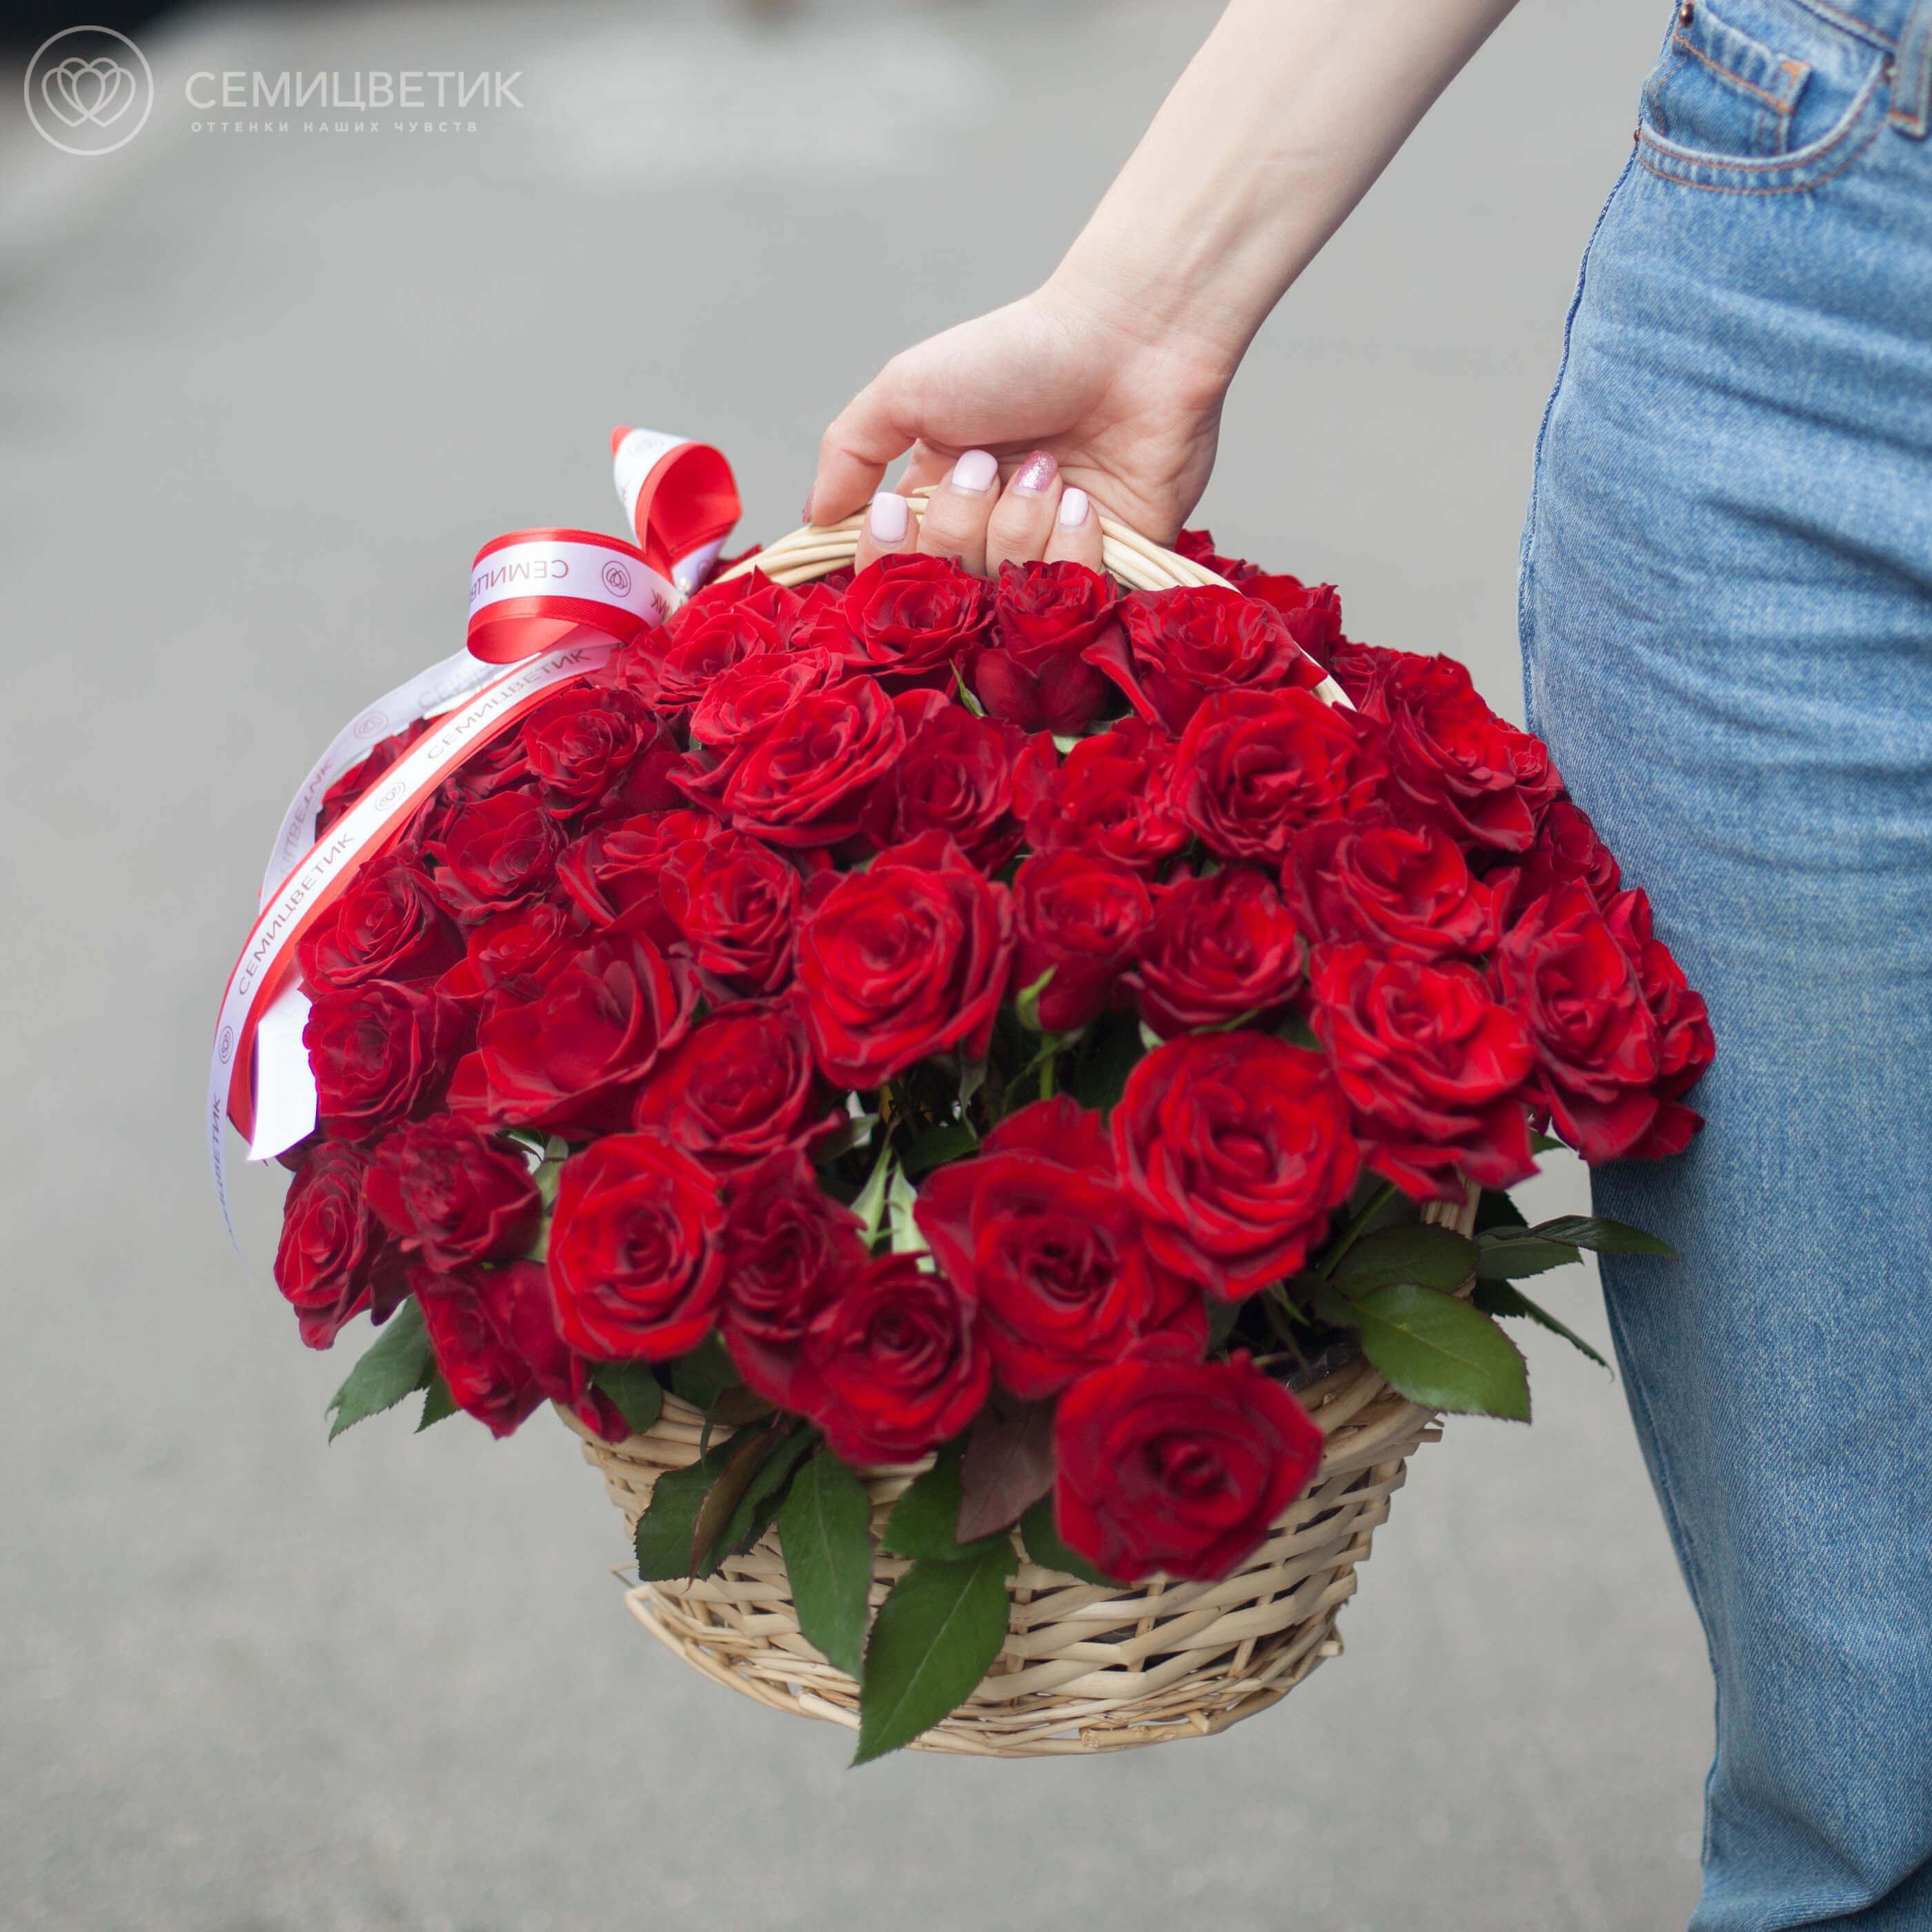 75 красных российских роз (Магия) 35 см в корзине фото